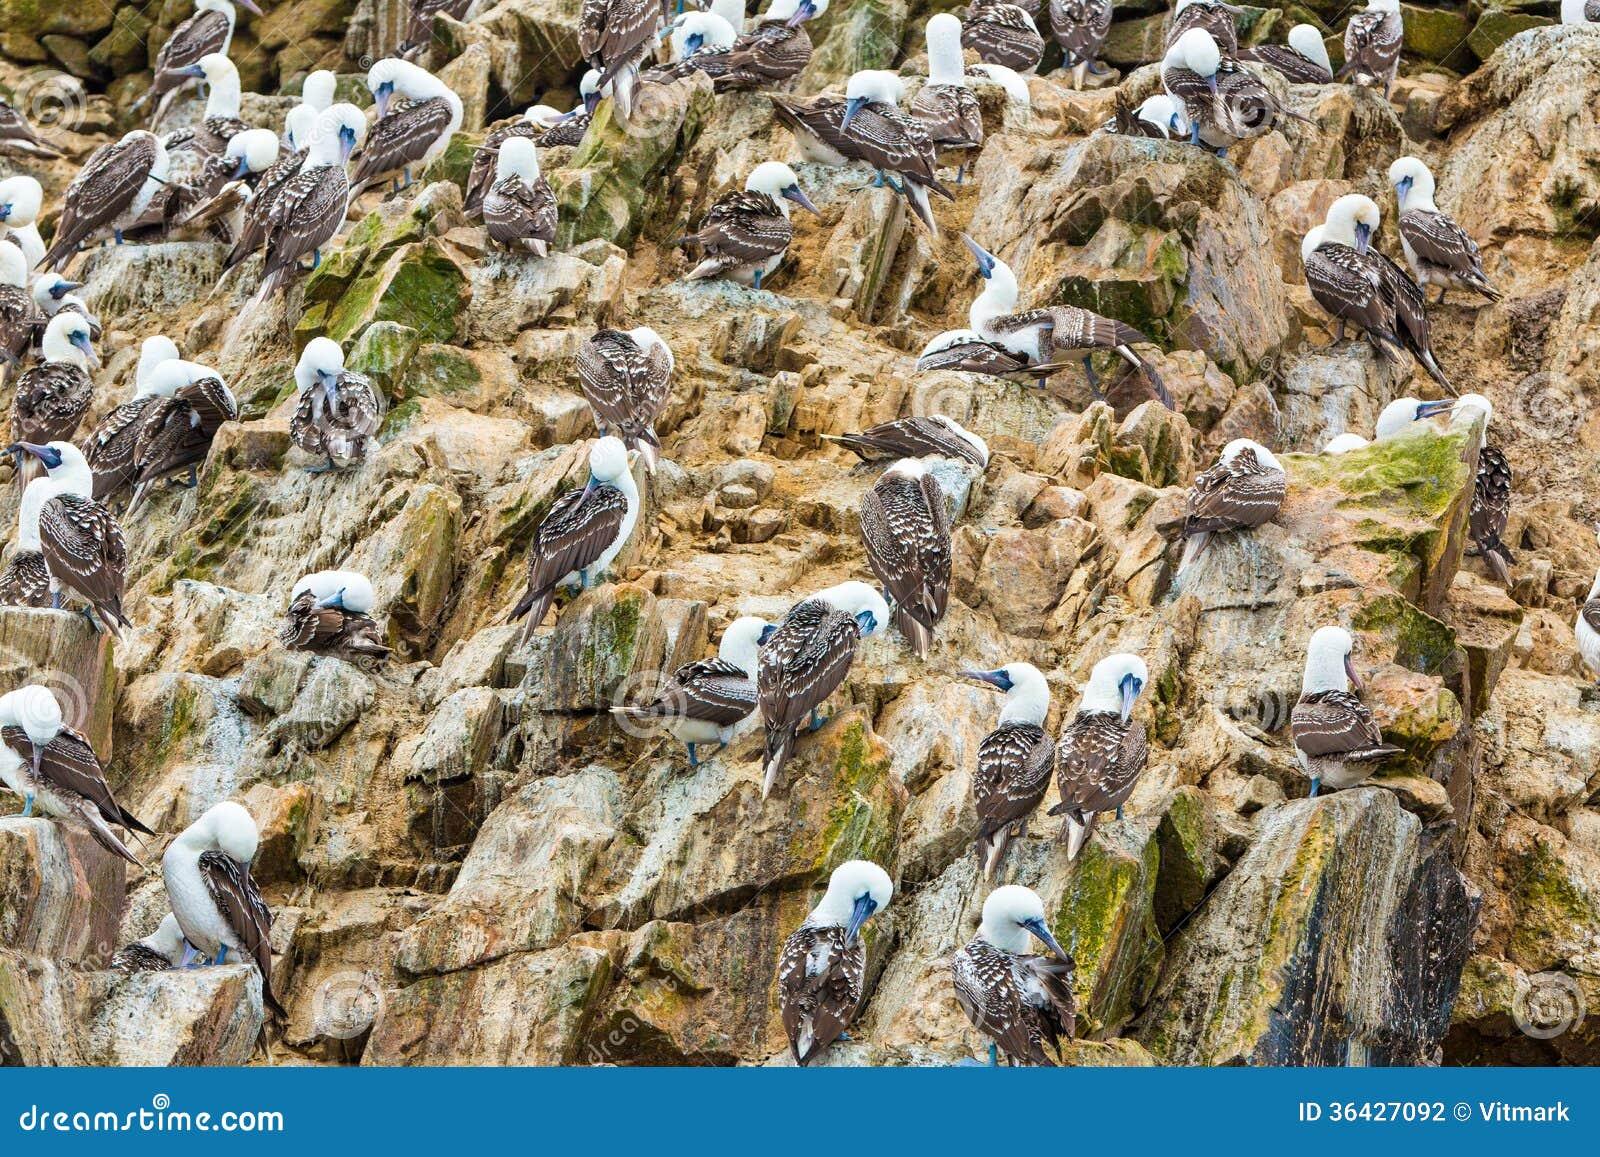 Les oiseaux marins aquatiques au p rou am rique du sud for Les oiseaux du sud de la france